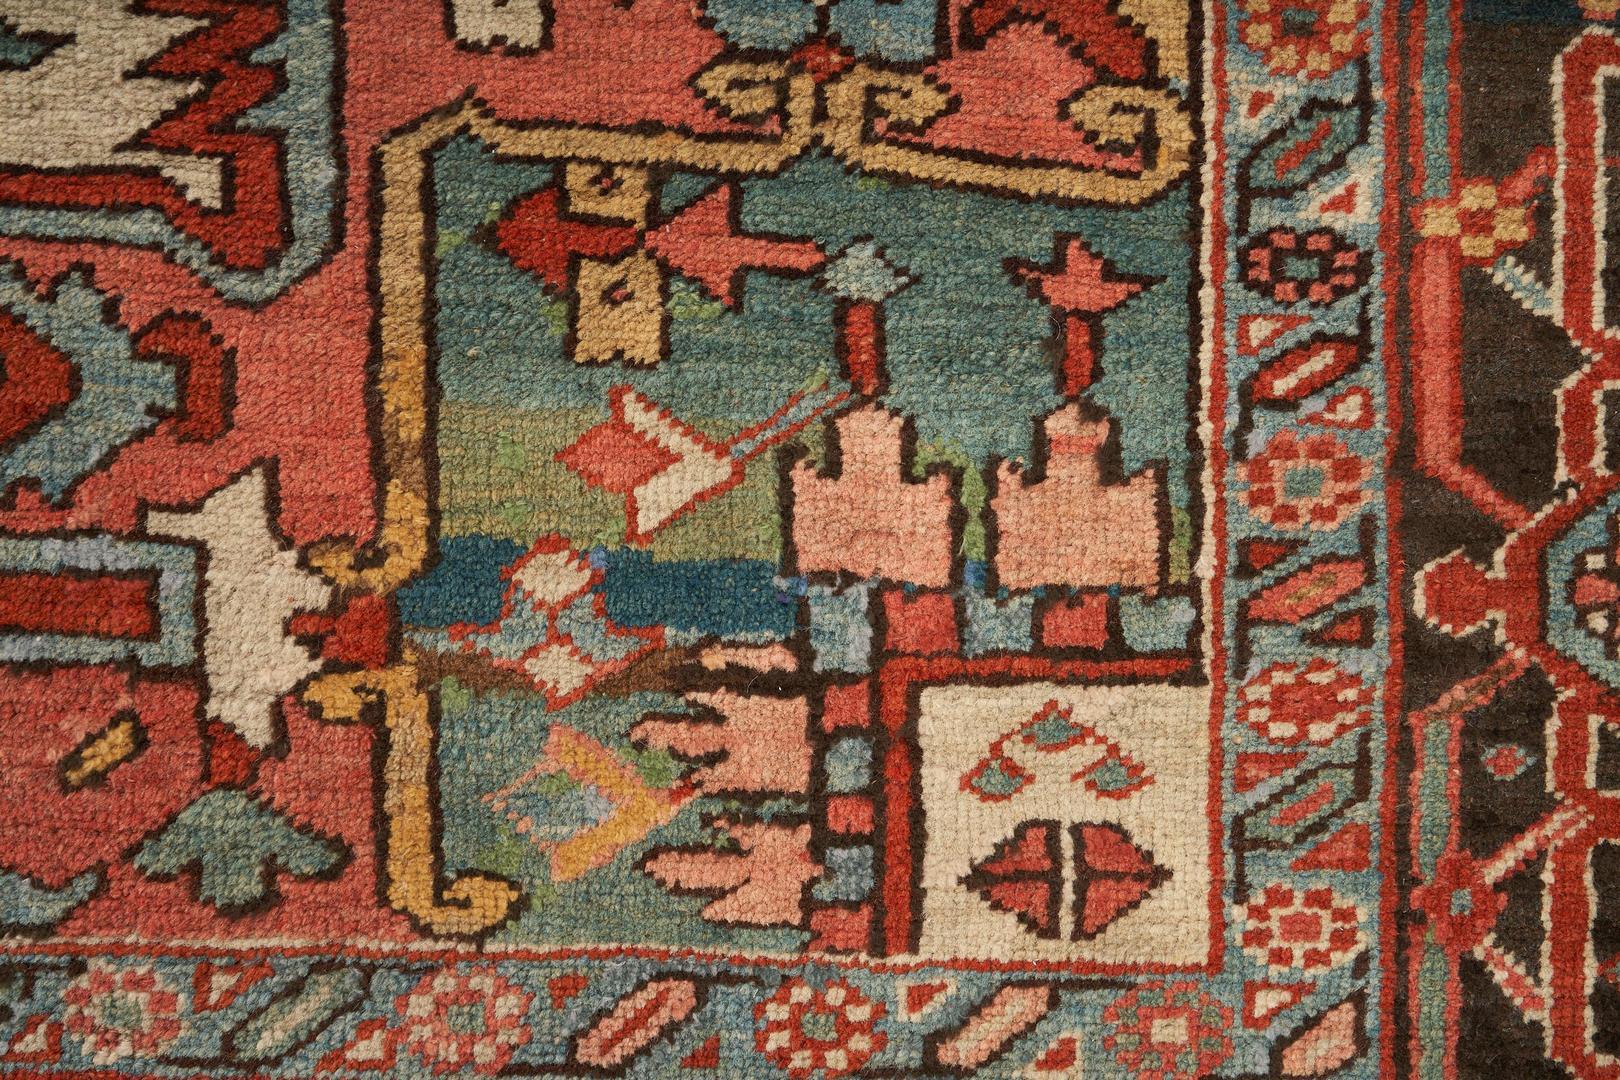 Lot 489: Persian Heriz Rug or Carpet, 9×12